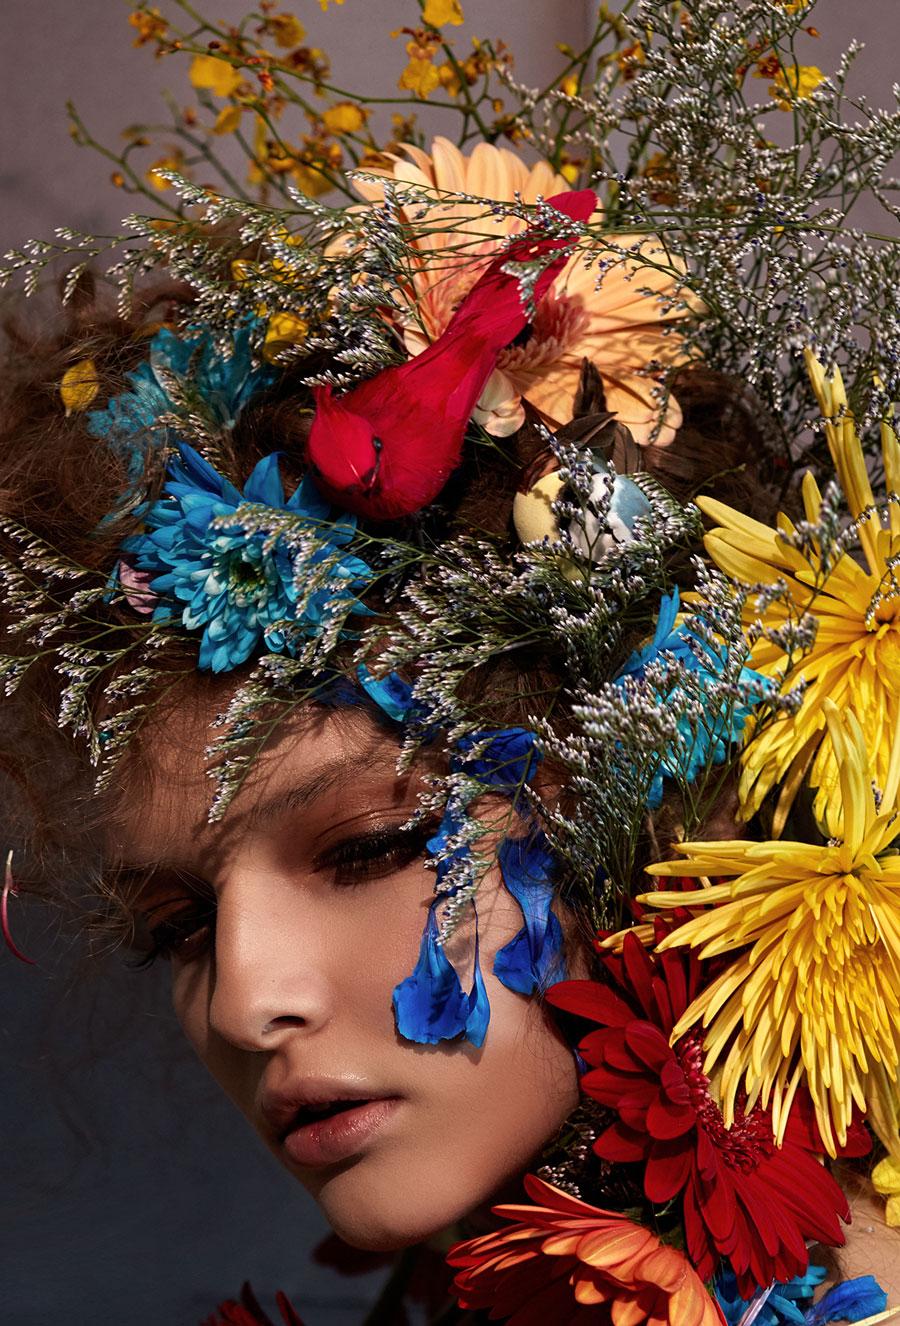 Ritratto di donna con copricapo floreale multicolore.